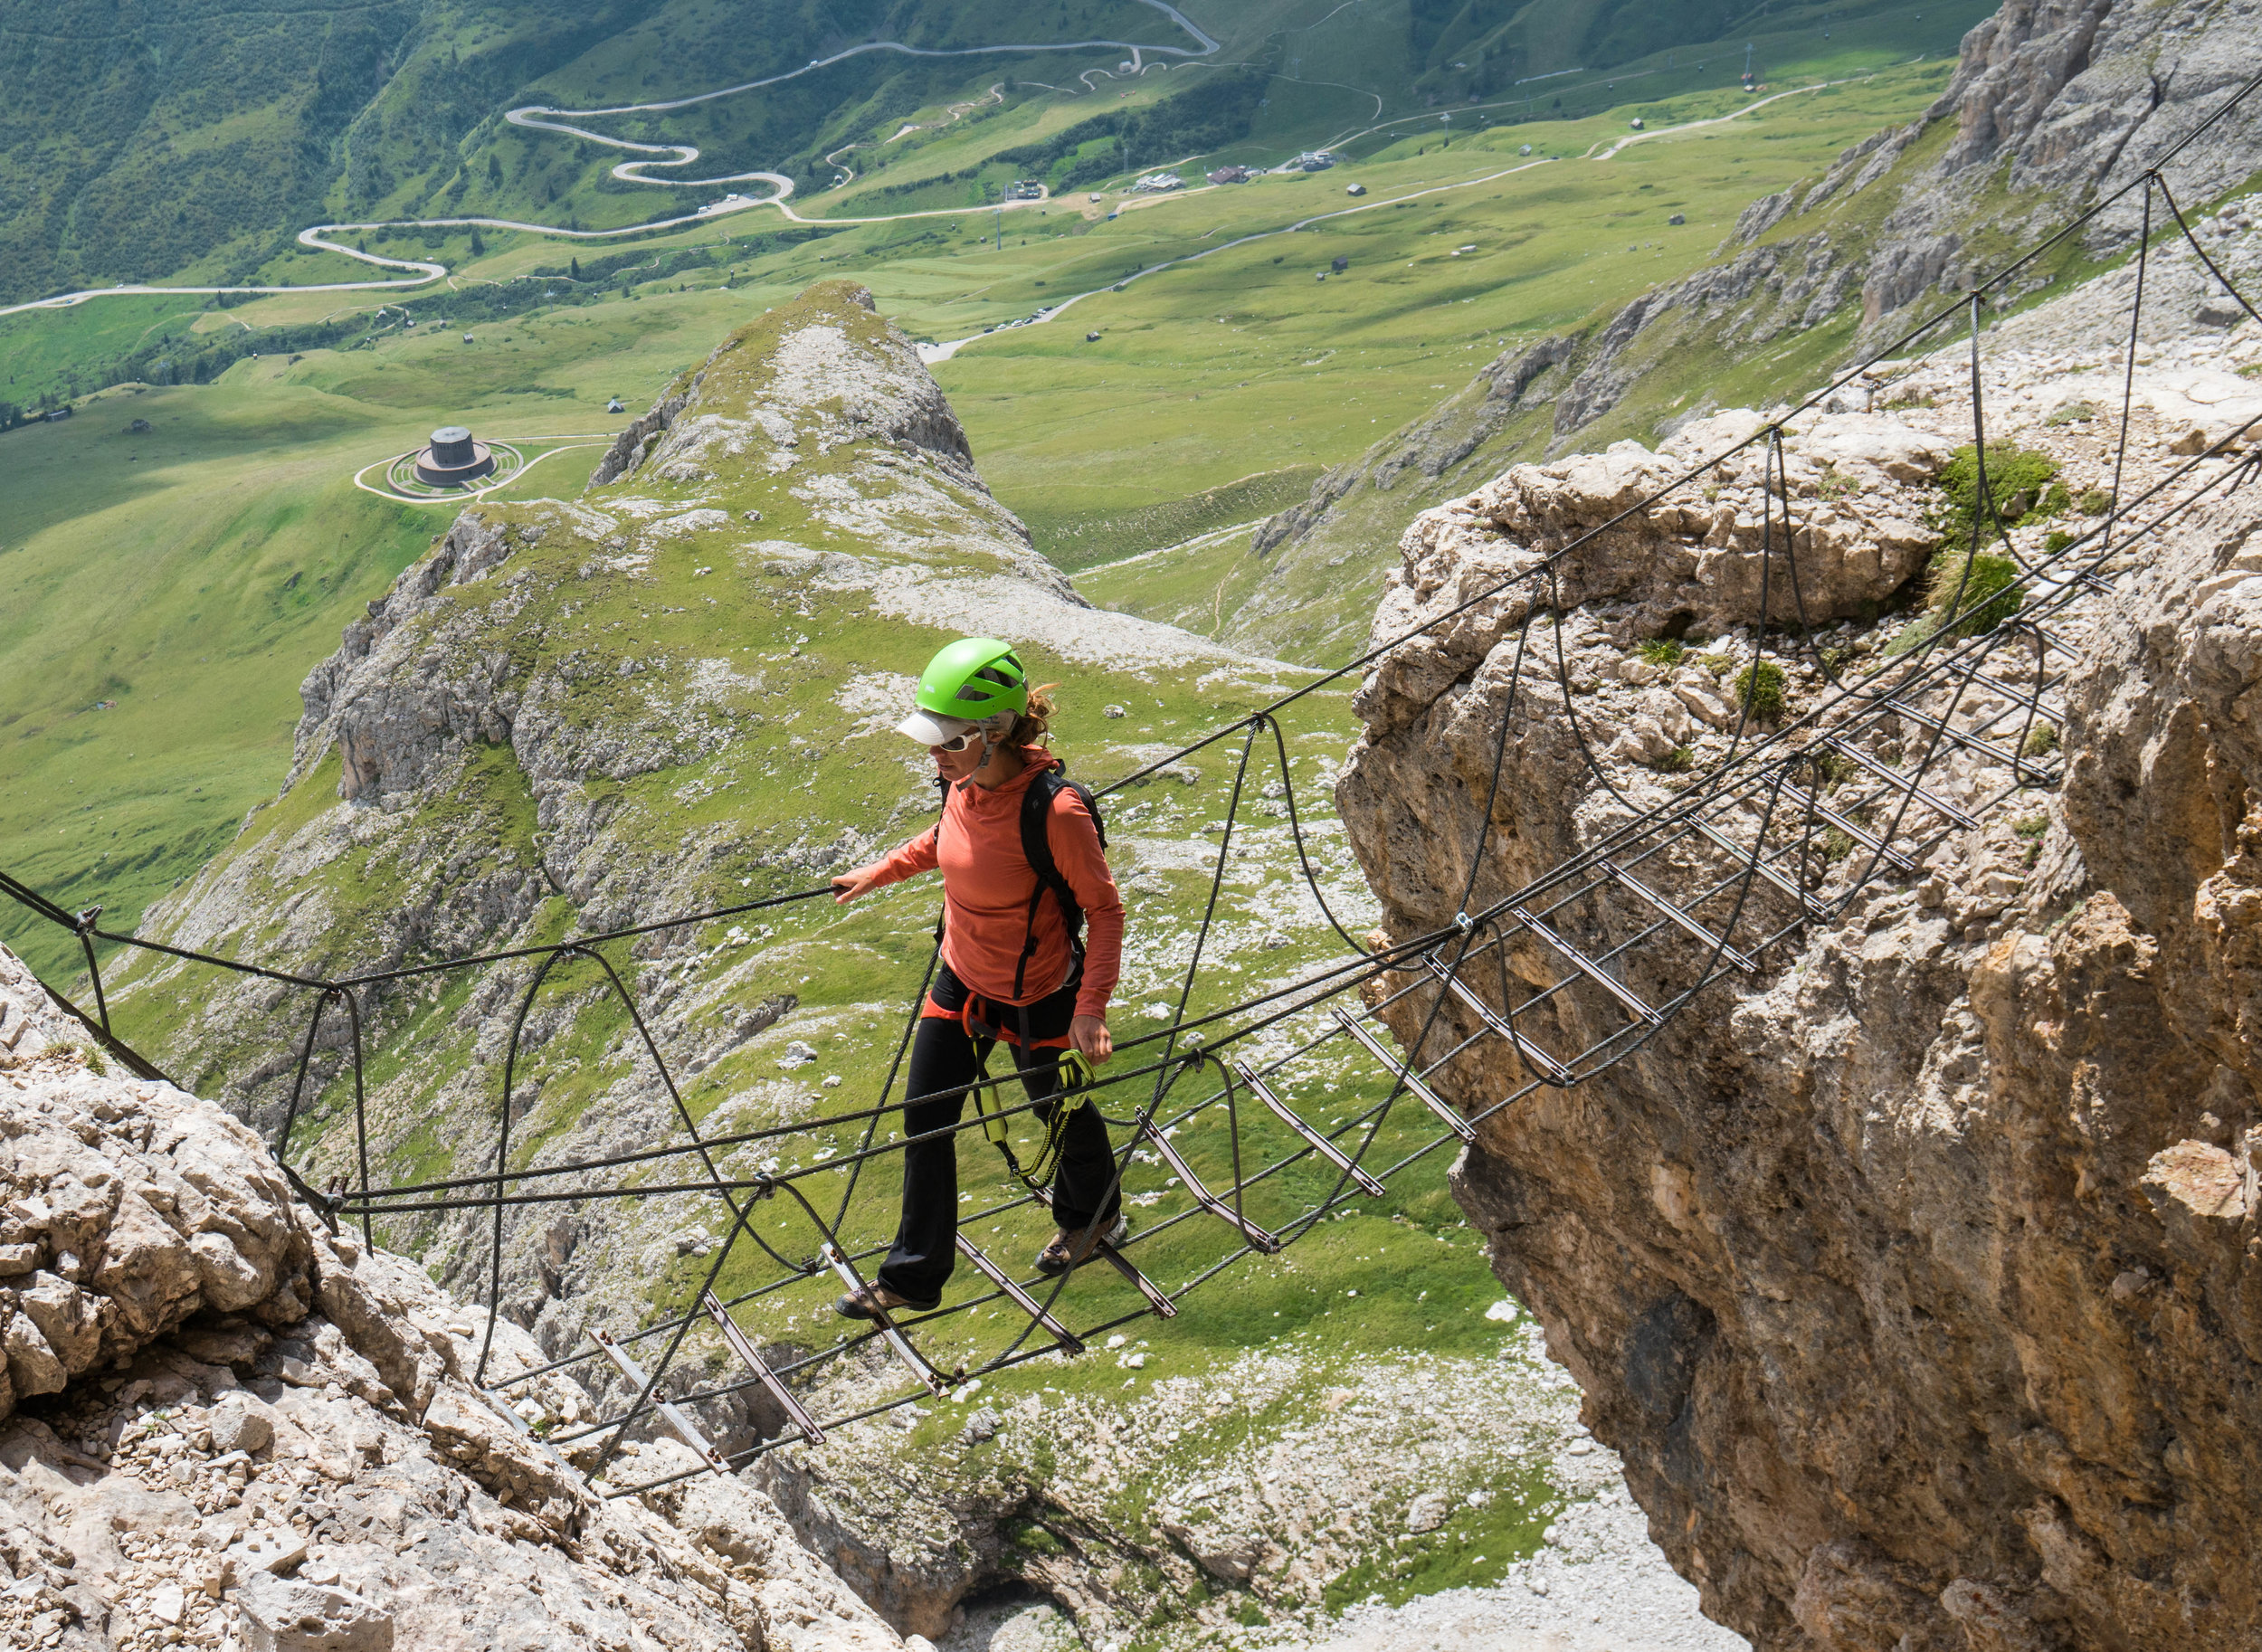 Crossing a suspension bridge